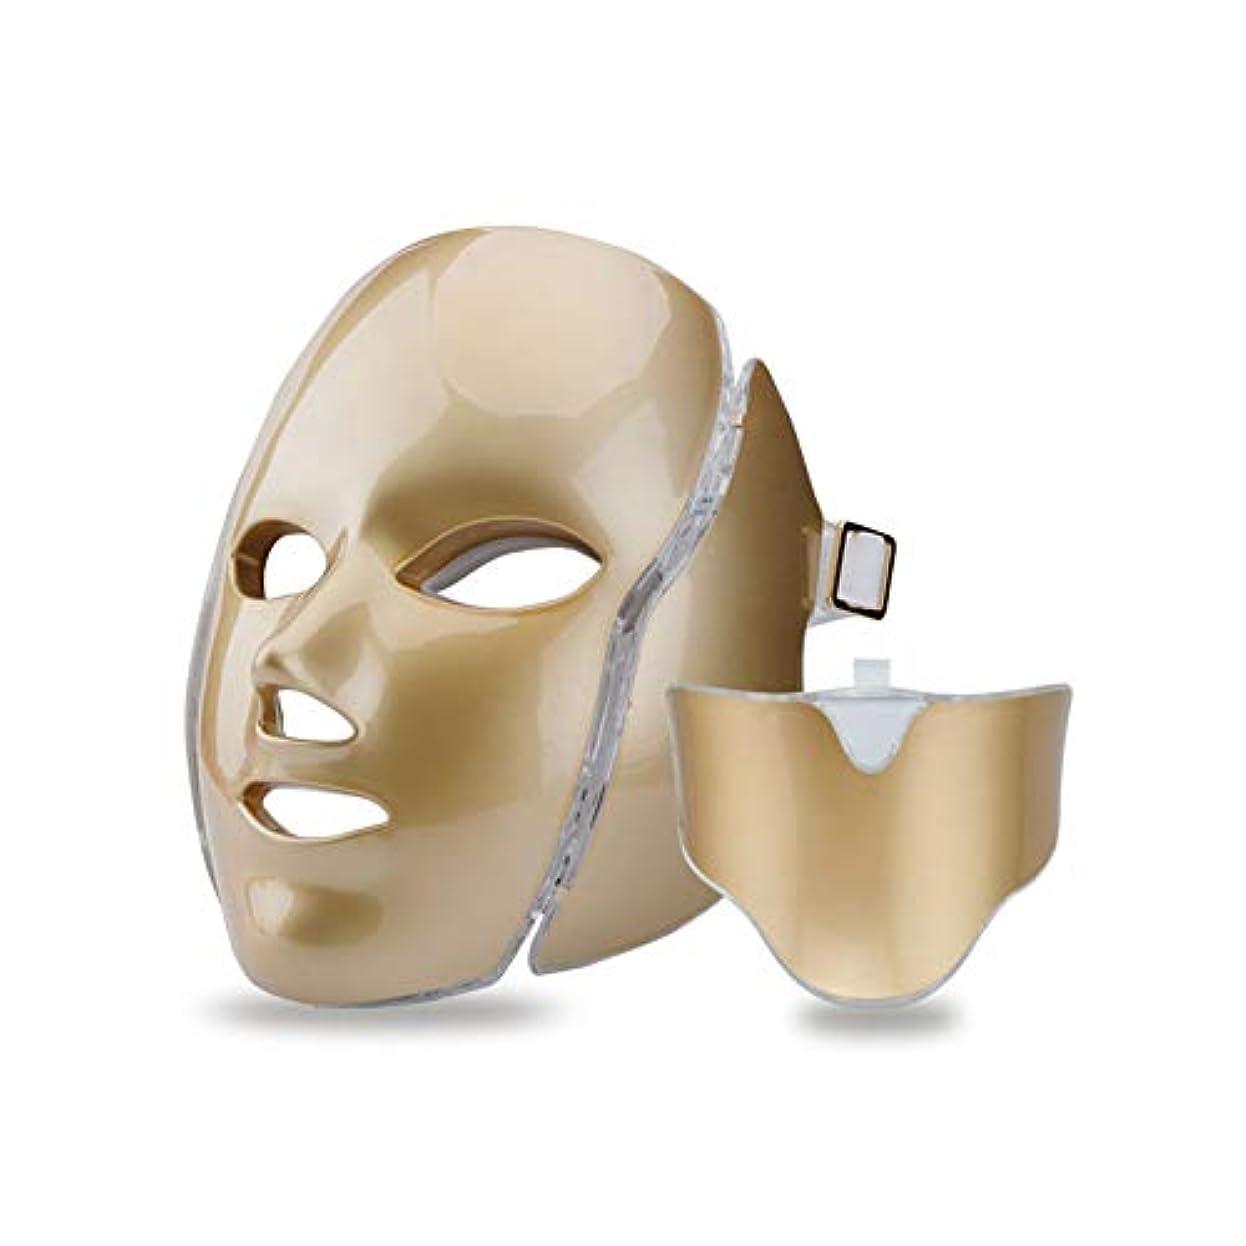 またはどちらか確保する形式赤色光光子治療機7色ledマスク+首、肌の若返りニキビフェイシャルスパ美容機器,Gold